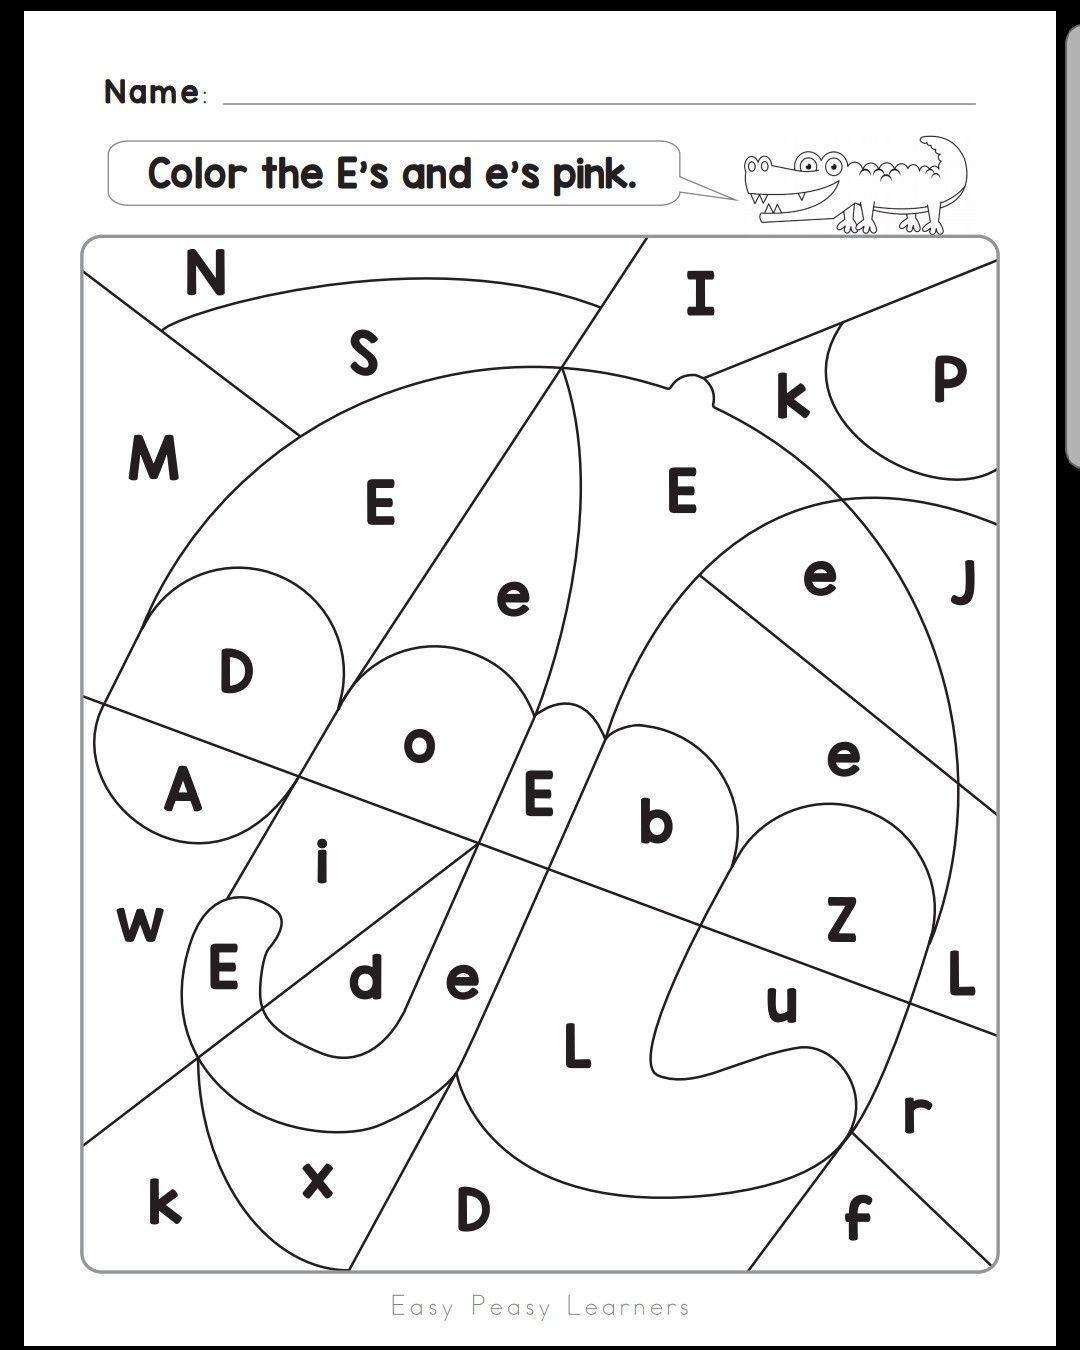 51 Alphabet Worksheets For Lkg In 2020 | Alphabet Worksheets in Alphabet Worksheets For Lkg